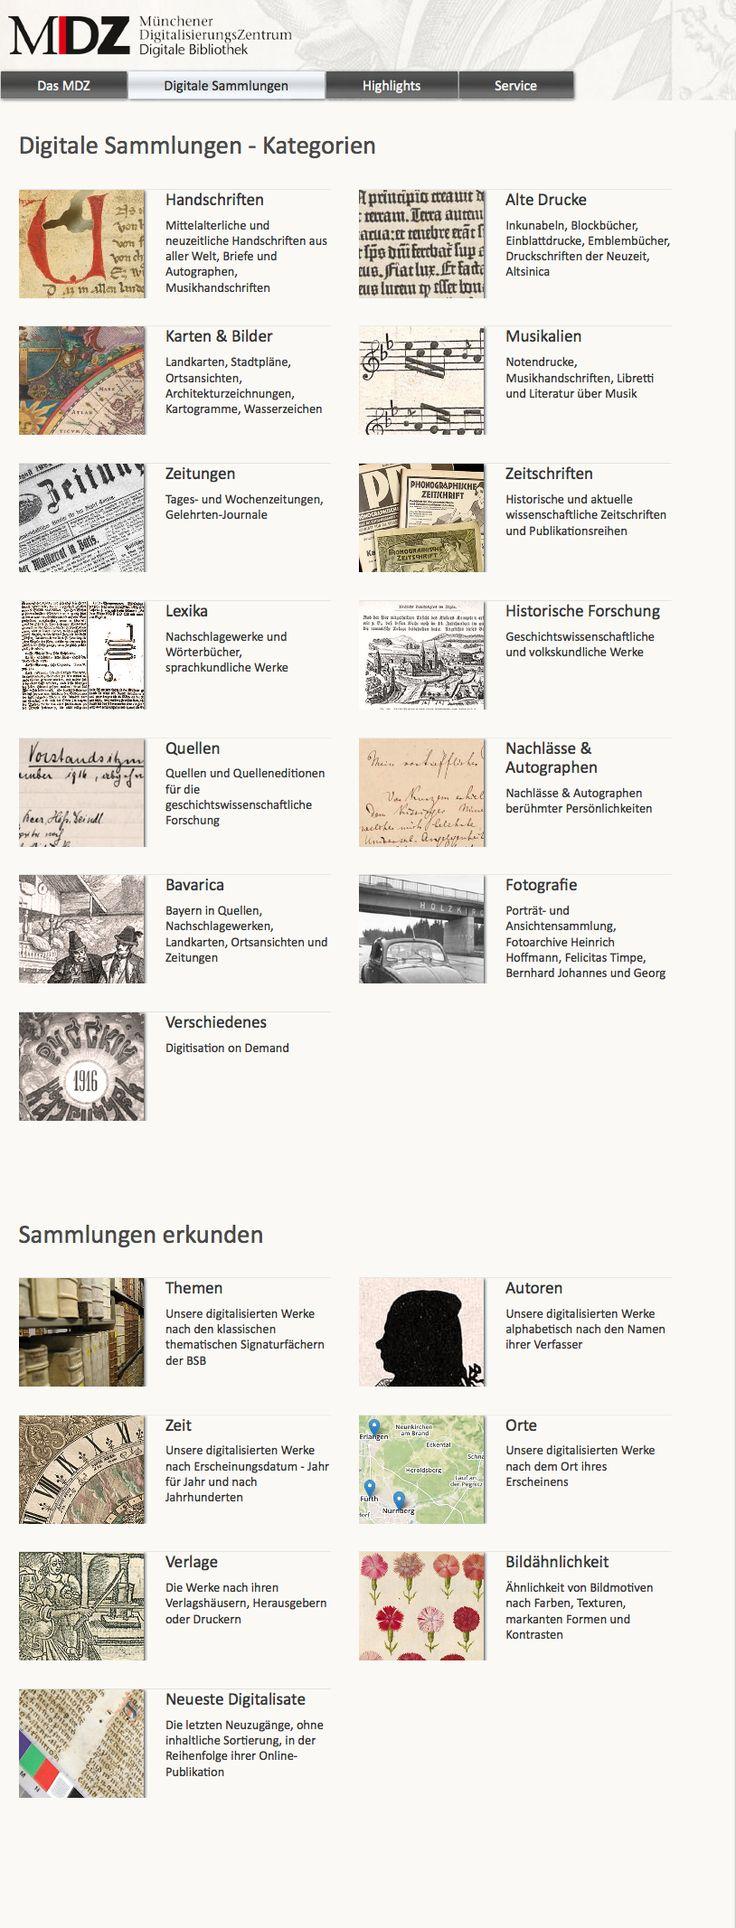 Handschriften, Alte Drucke, Karten & Bilder, Musikalien, Zeitungen, Zeitschriften, Lexika, Historische Forschung, Quellen, Nachlässe & Autographen, Bavarica, Fotografie, Verschiedenes, Digitale Sammlungen